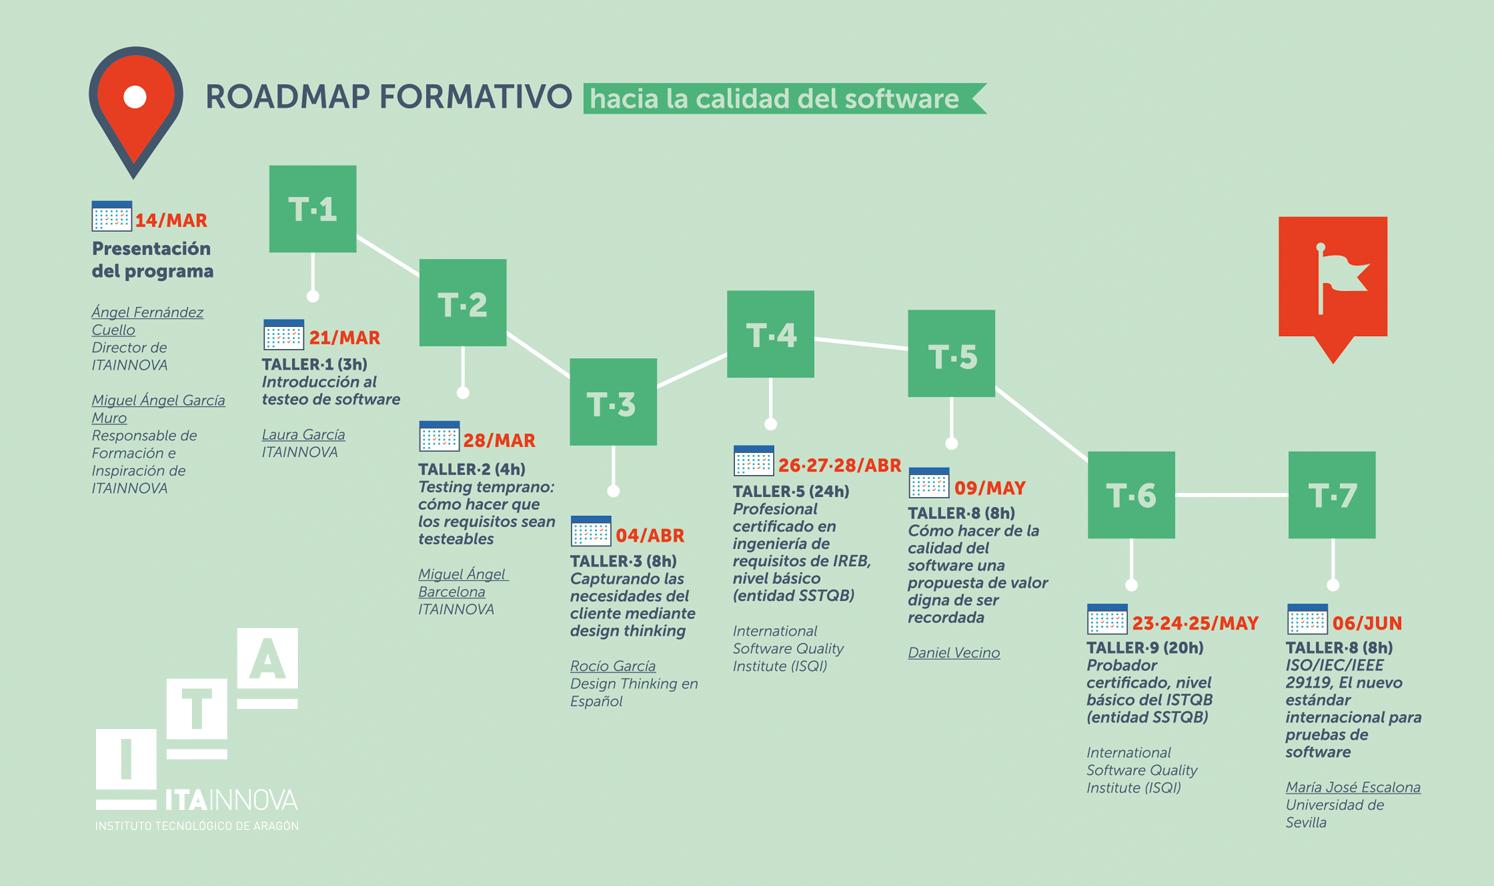 Roadmap formativo hacia la calidad del software